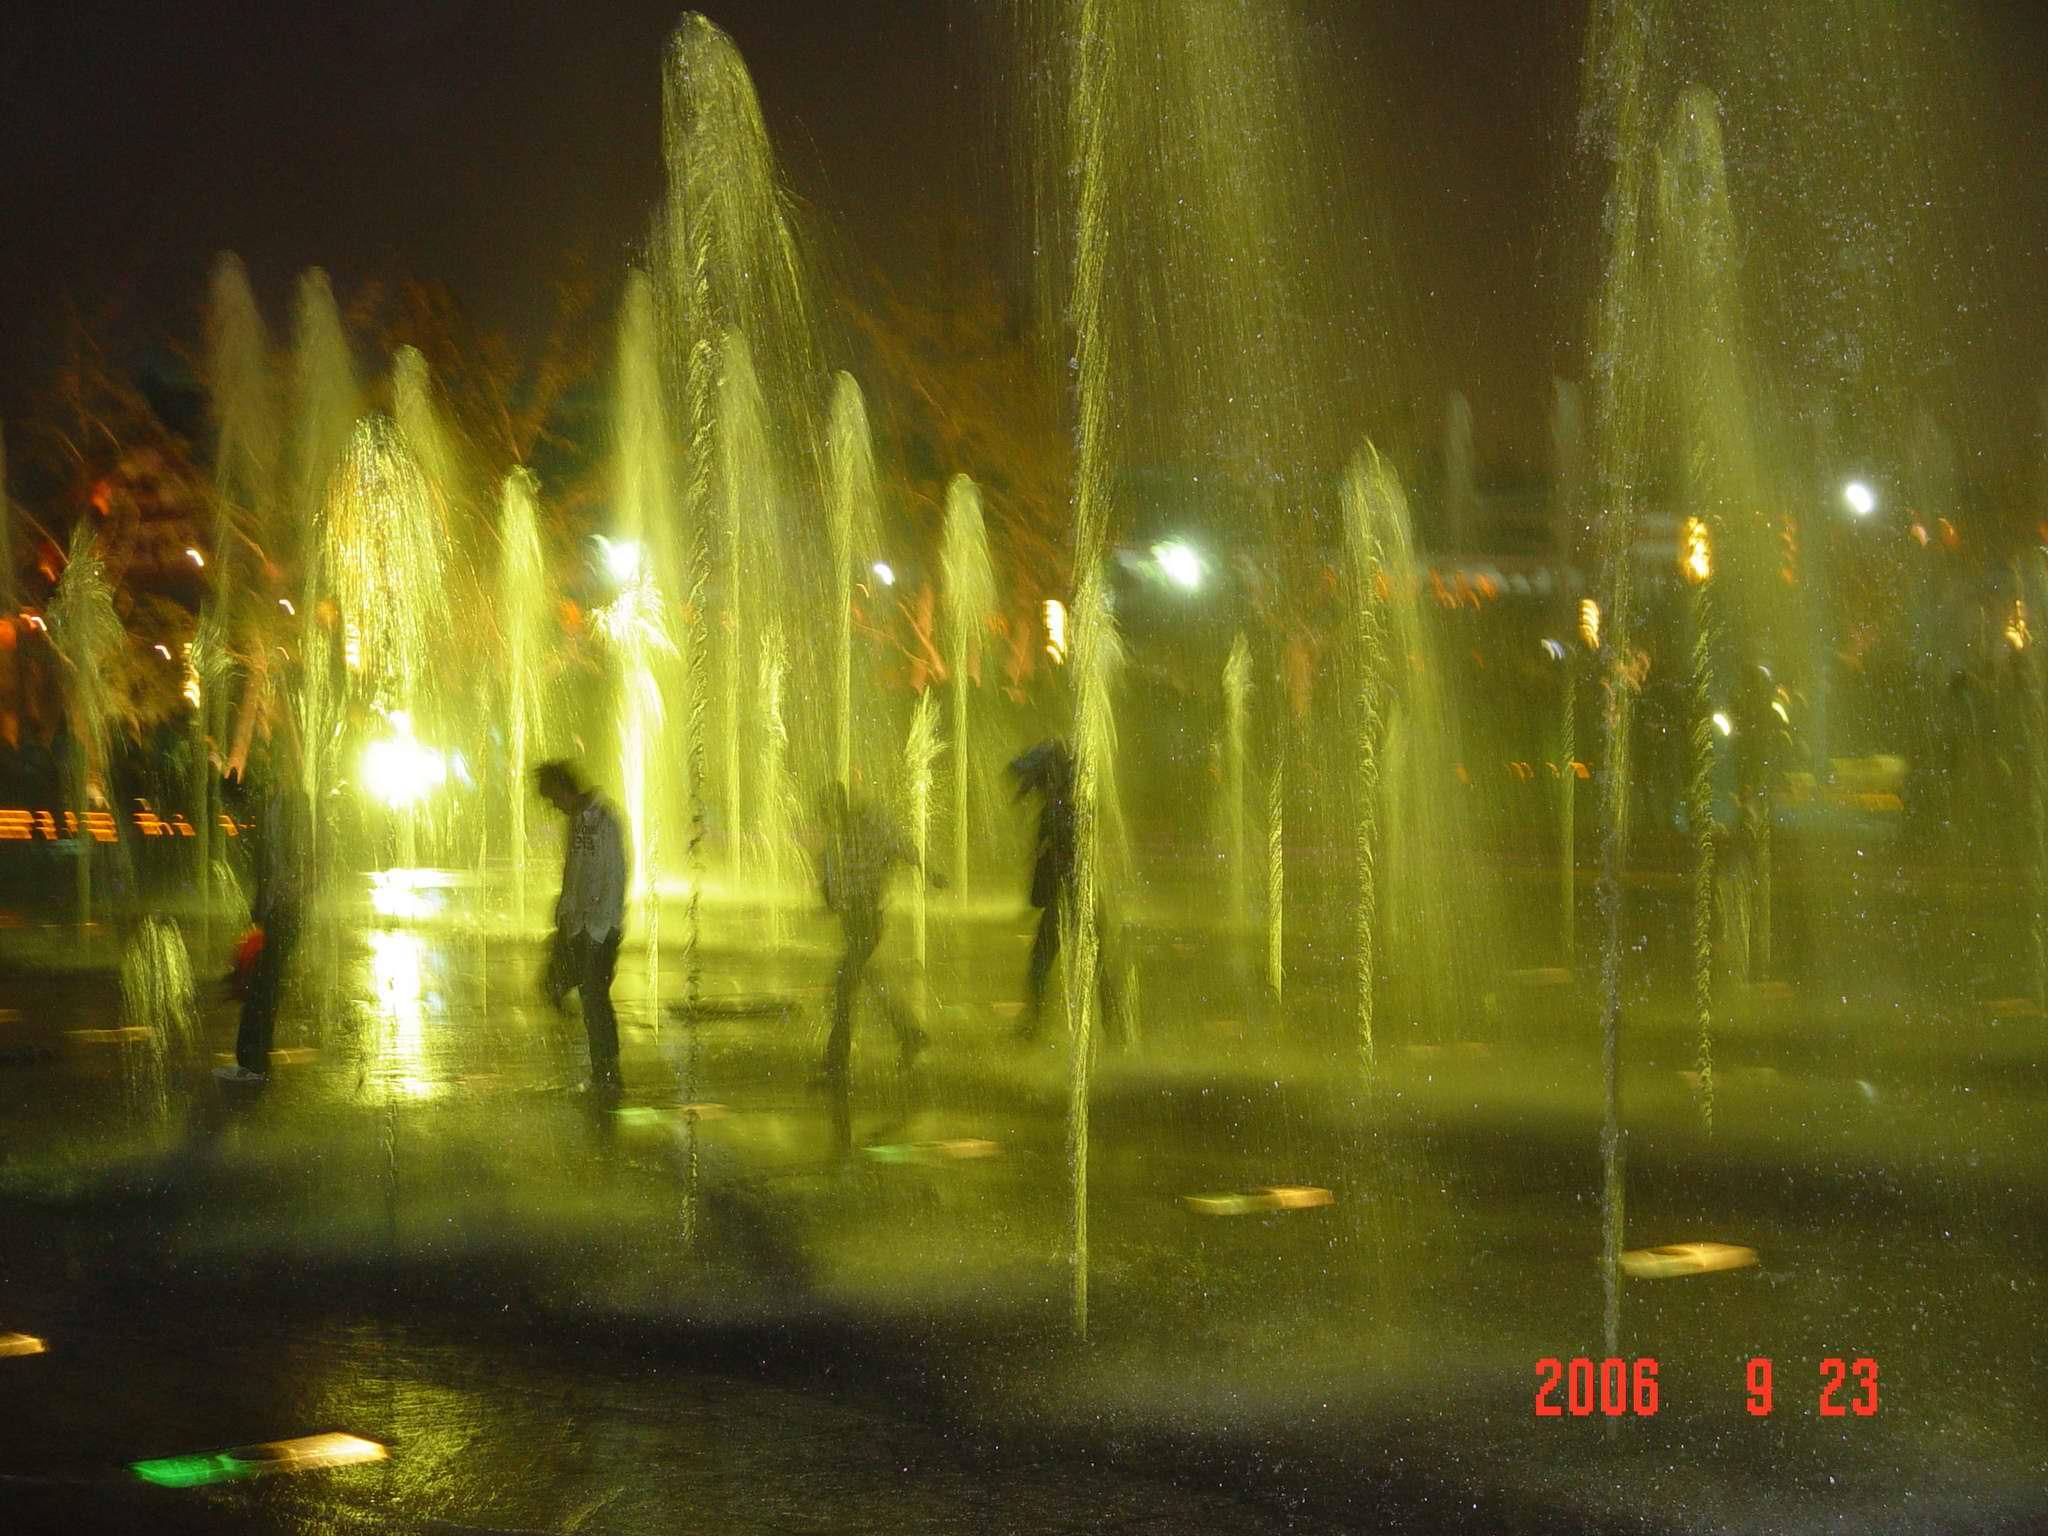 大雁塔 西安 陕西 大雁塔北广场音乐喷泉